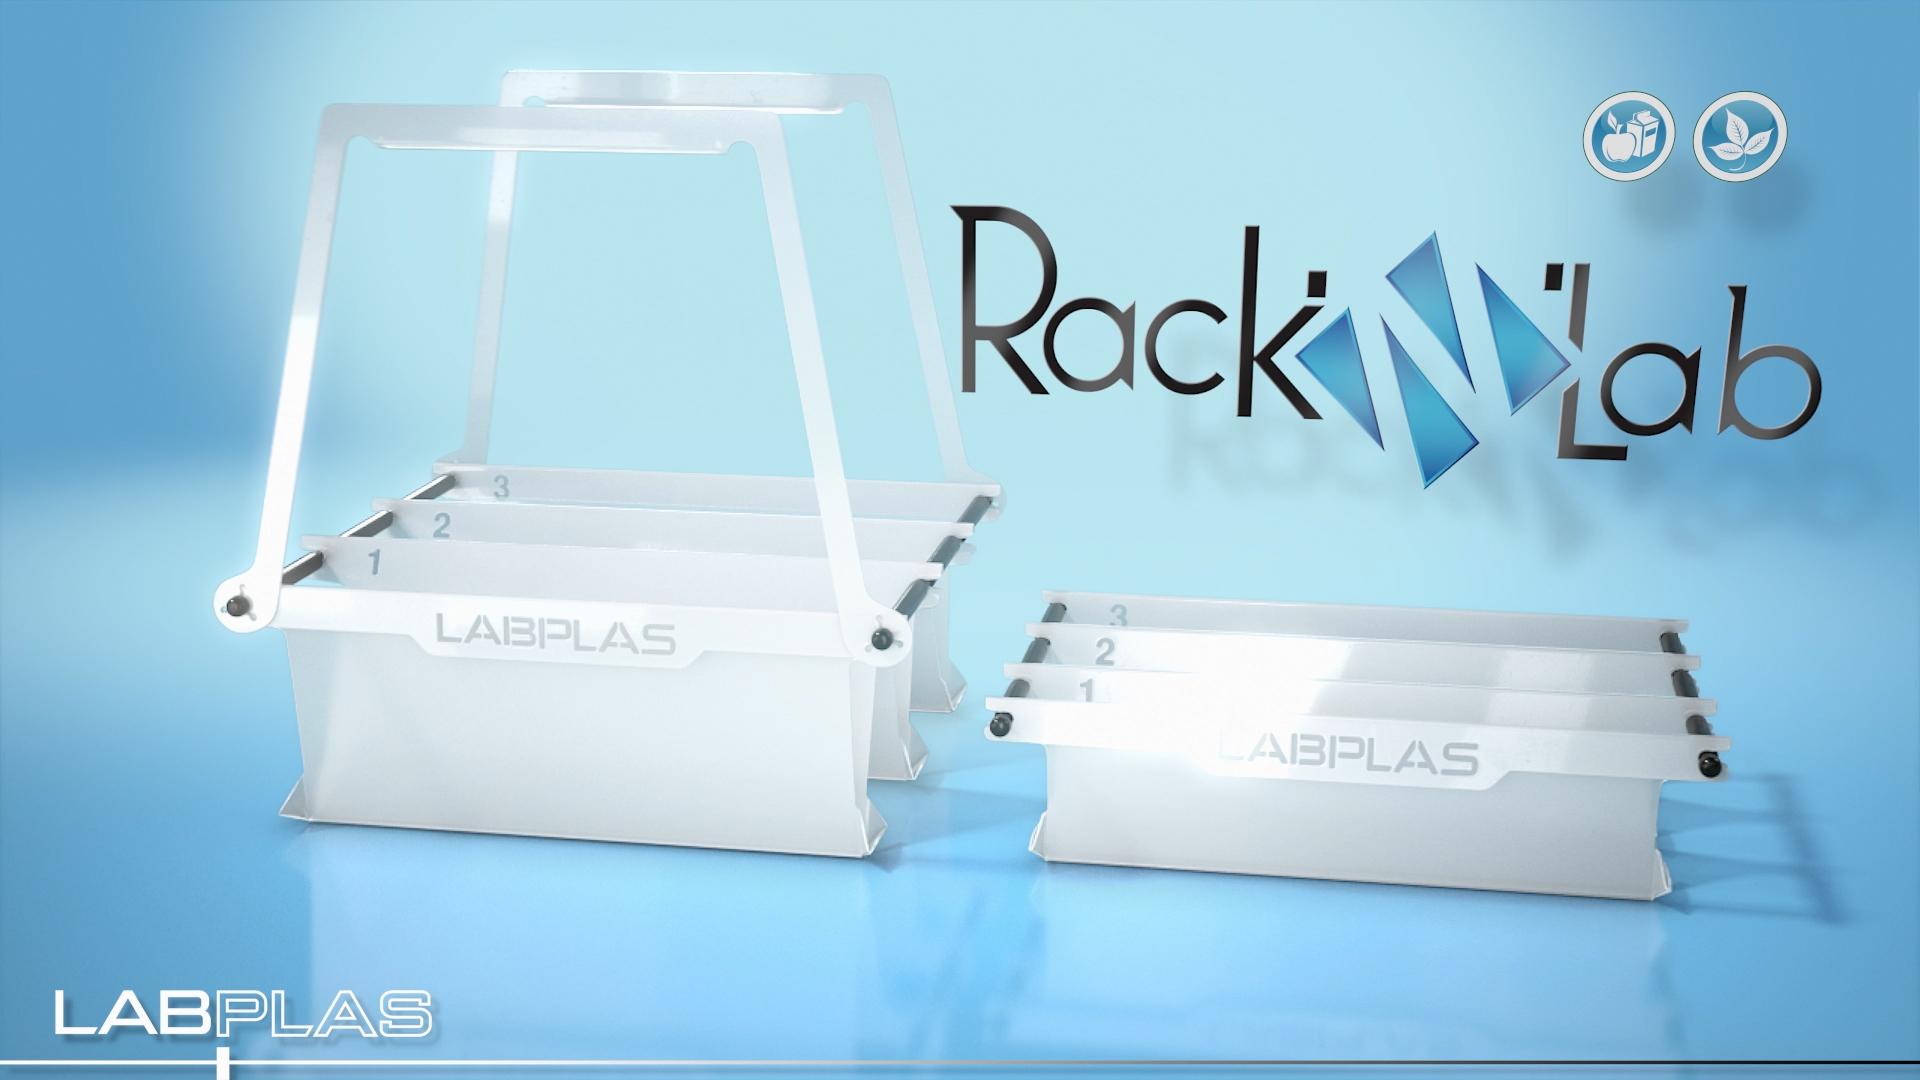 RACK'N'LAB-Labplas